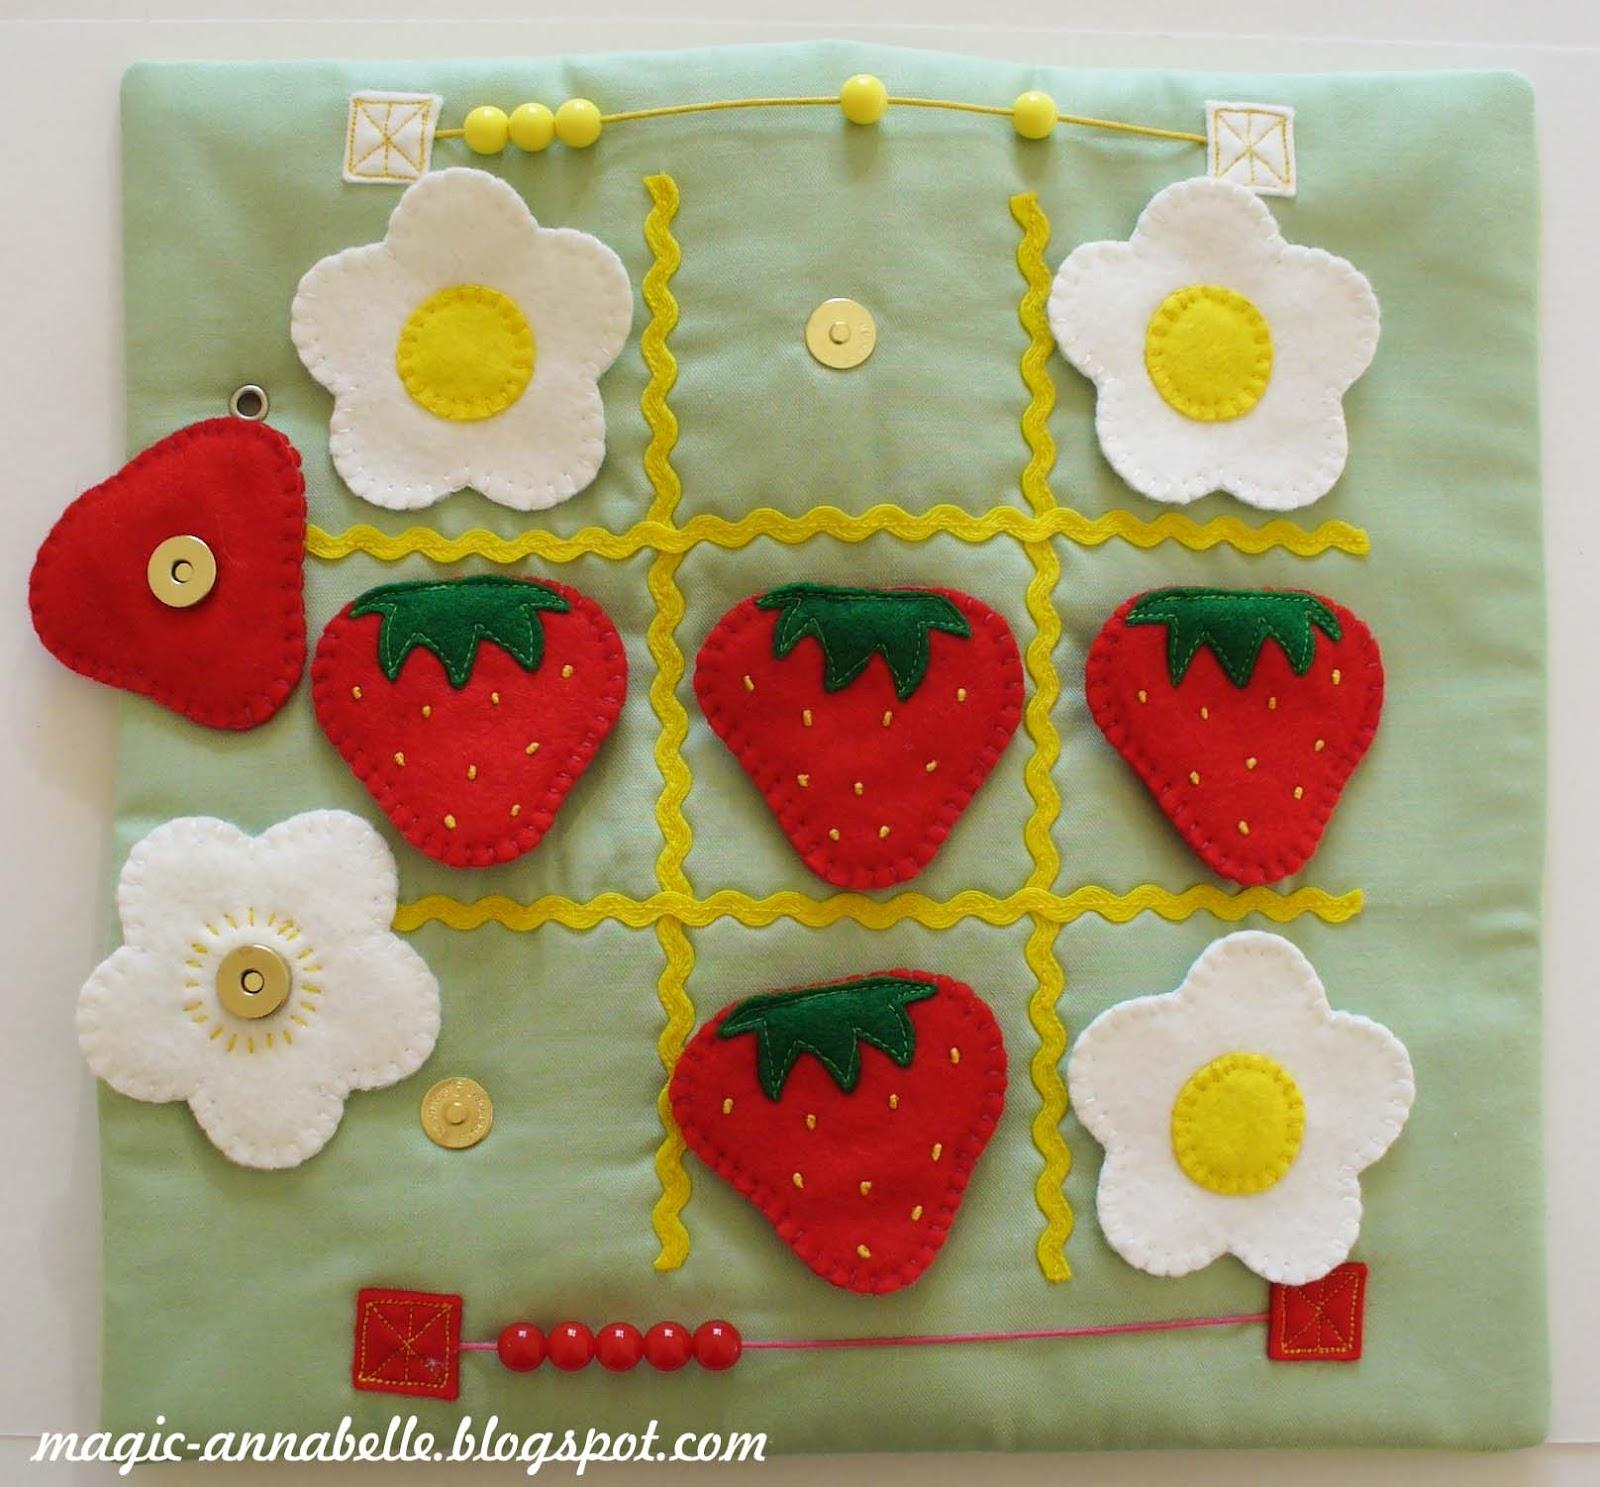 Как сделать книжку ягоды малышку своими руками для детского сада